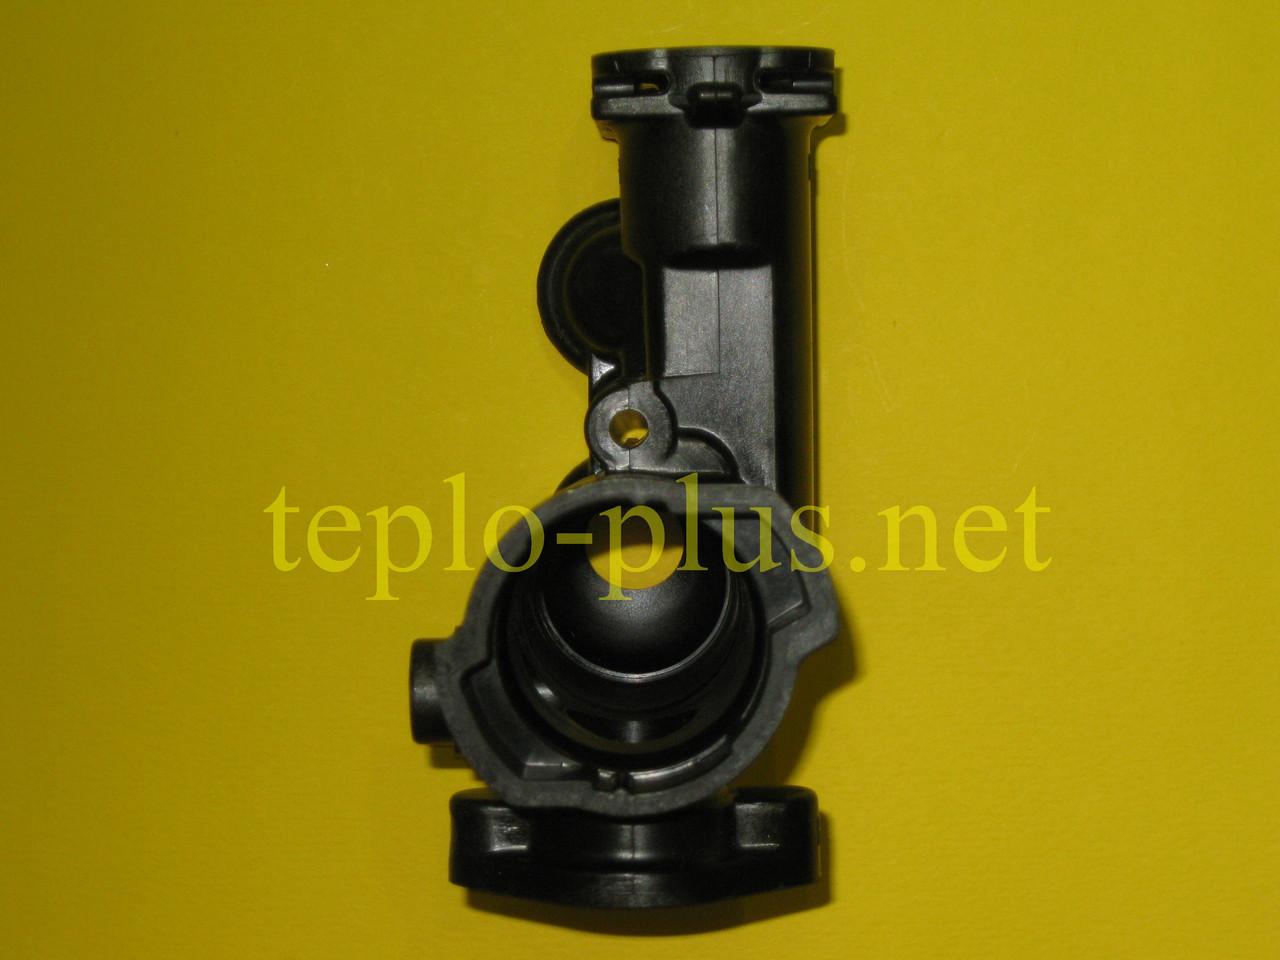 Корпус трехходового клапана 1.028548 Immergas Mini 24 3E, Victrix 26, Mythos 24, Major Eolo 24 4E / 28 4E, фото 3